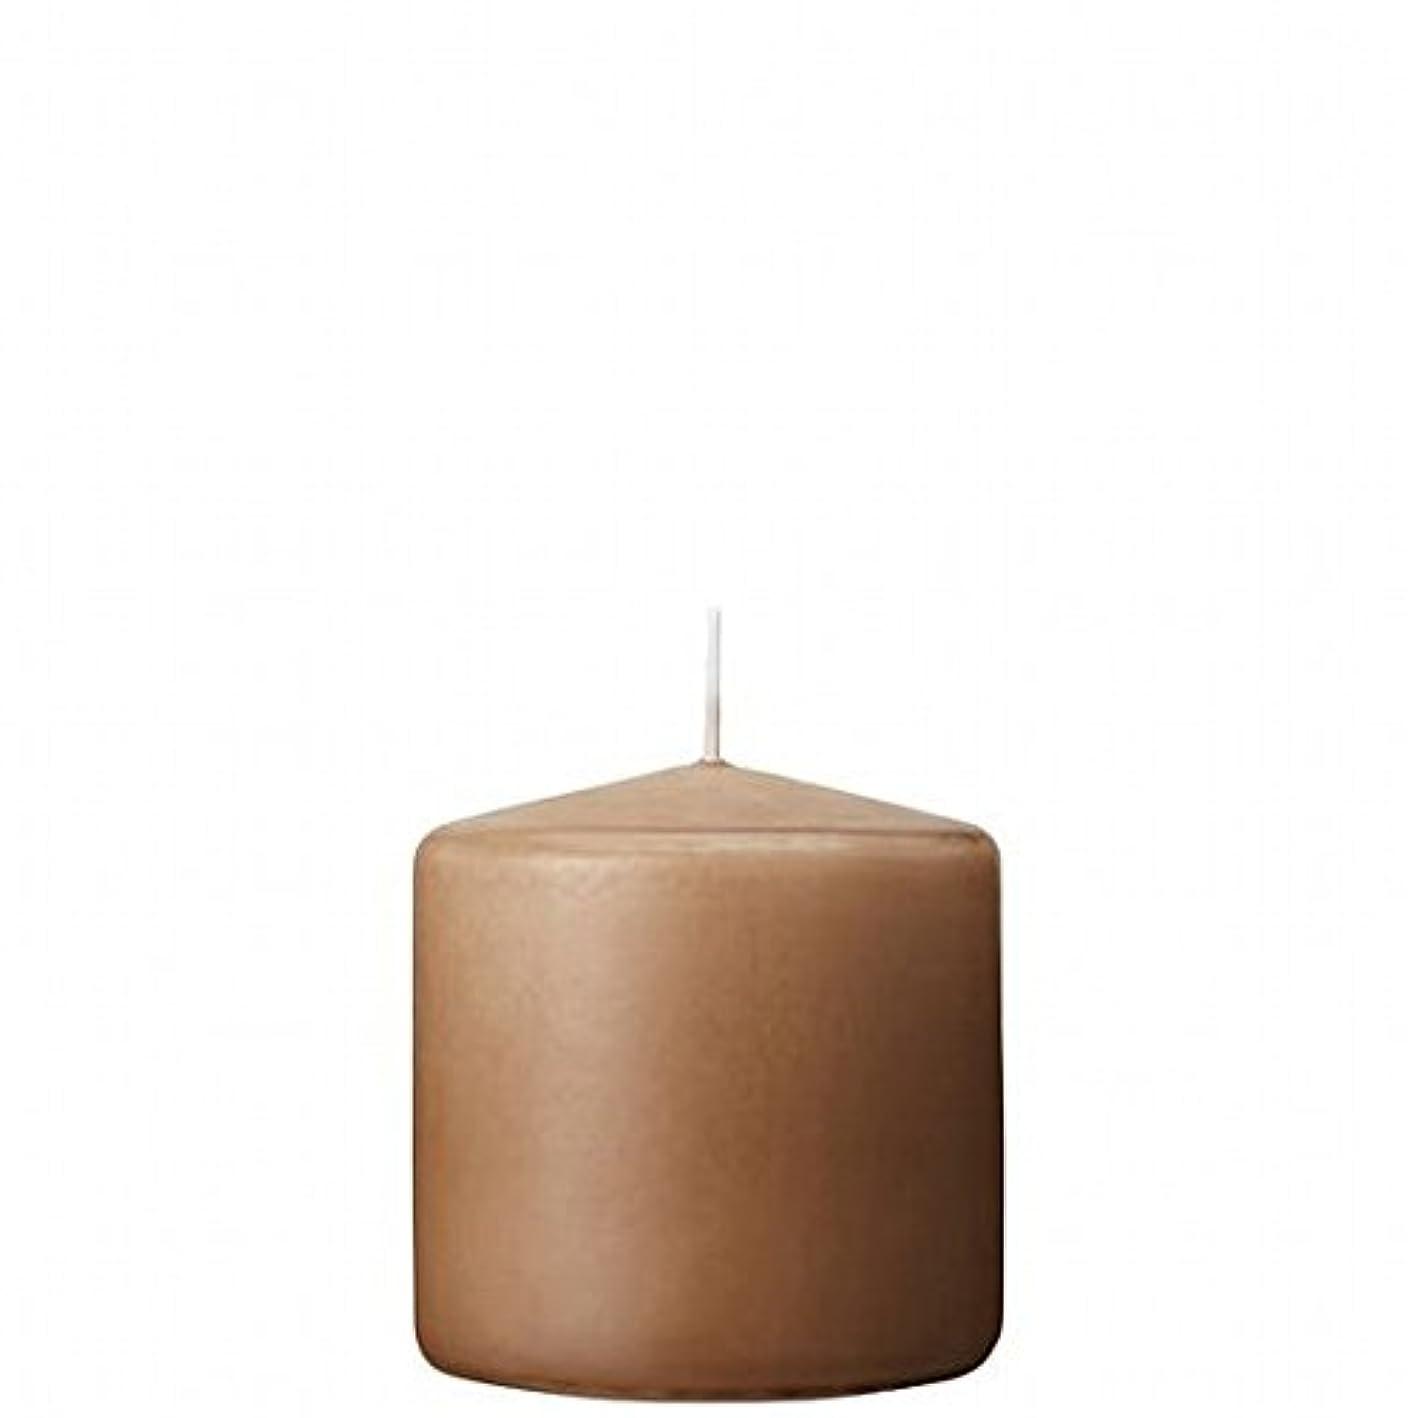 エステートモネ仕立て屋kameyama candle(カメヤマキャンドル) 3×3ベルトップピラーキャンドル 「 モカ 」(A9730000MO)